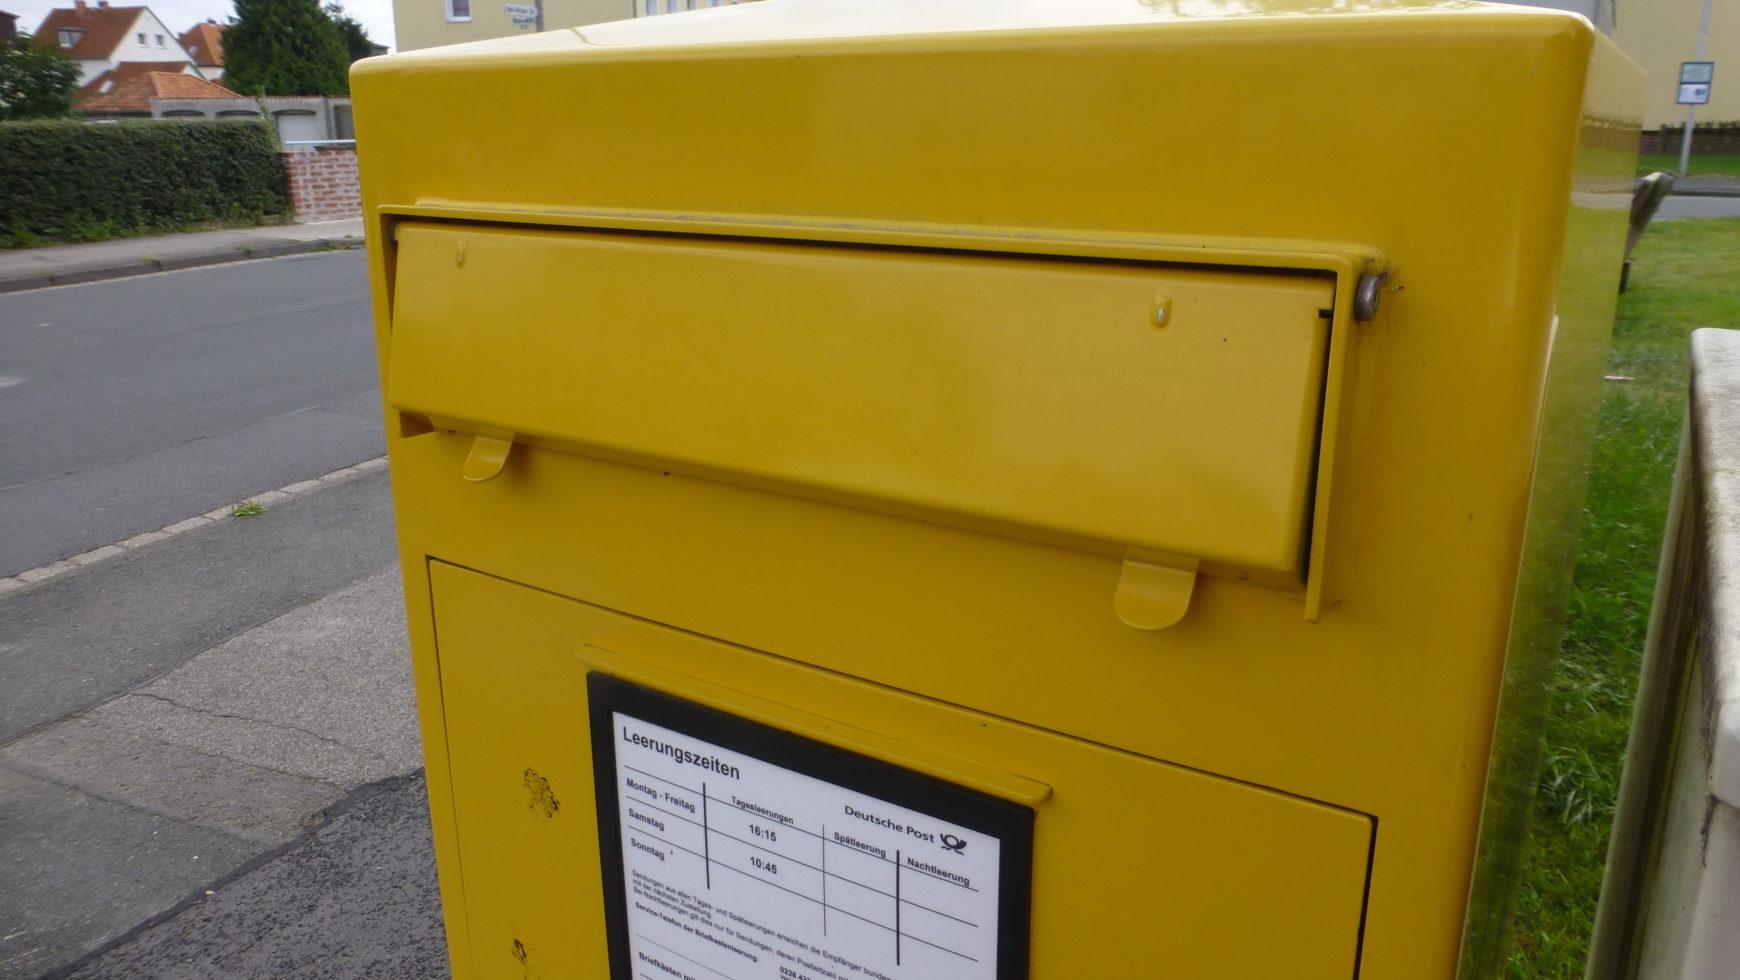 Beantragung von Wahlscheinen für die Briefwahl im Onlineverfahren